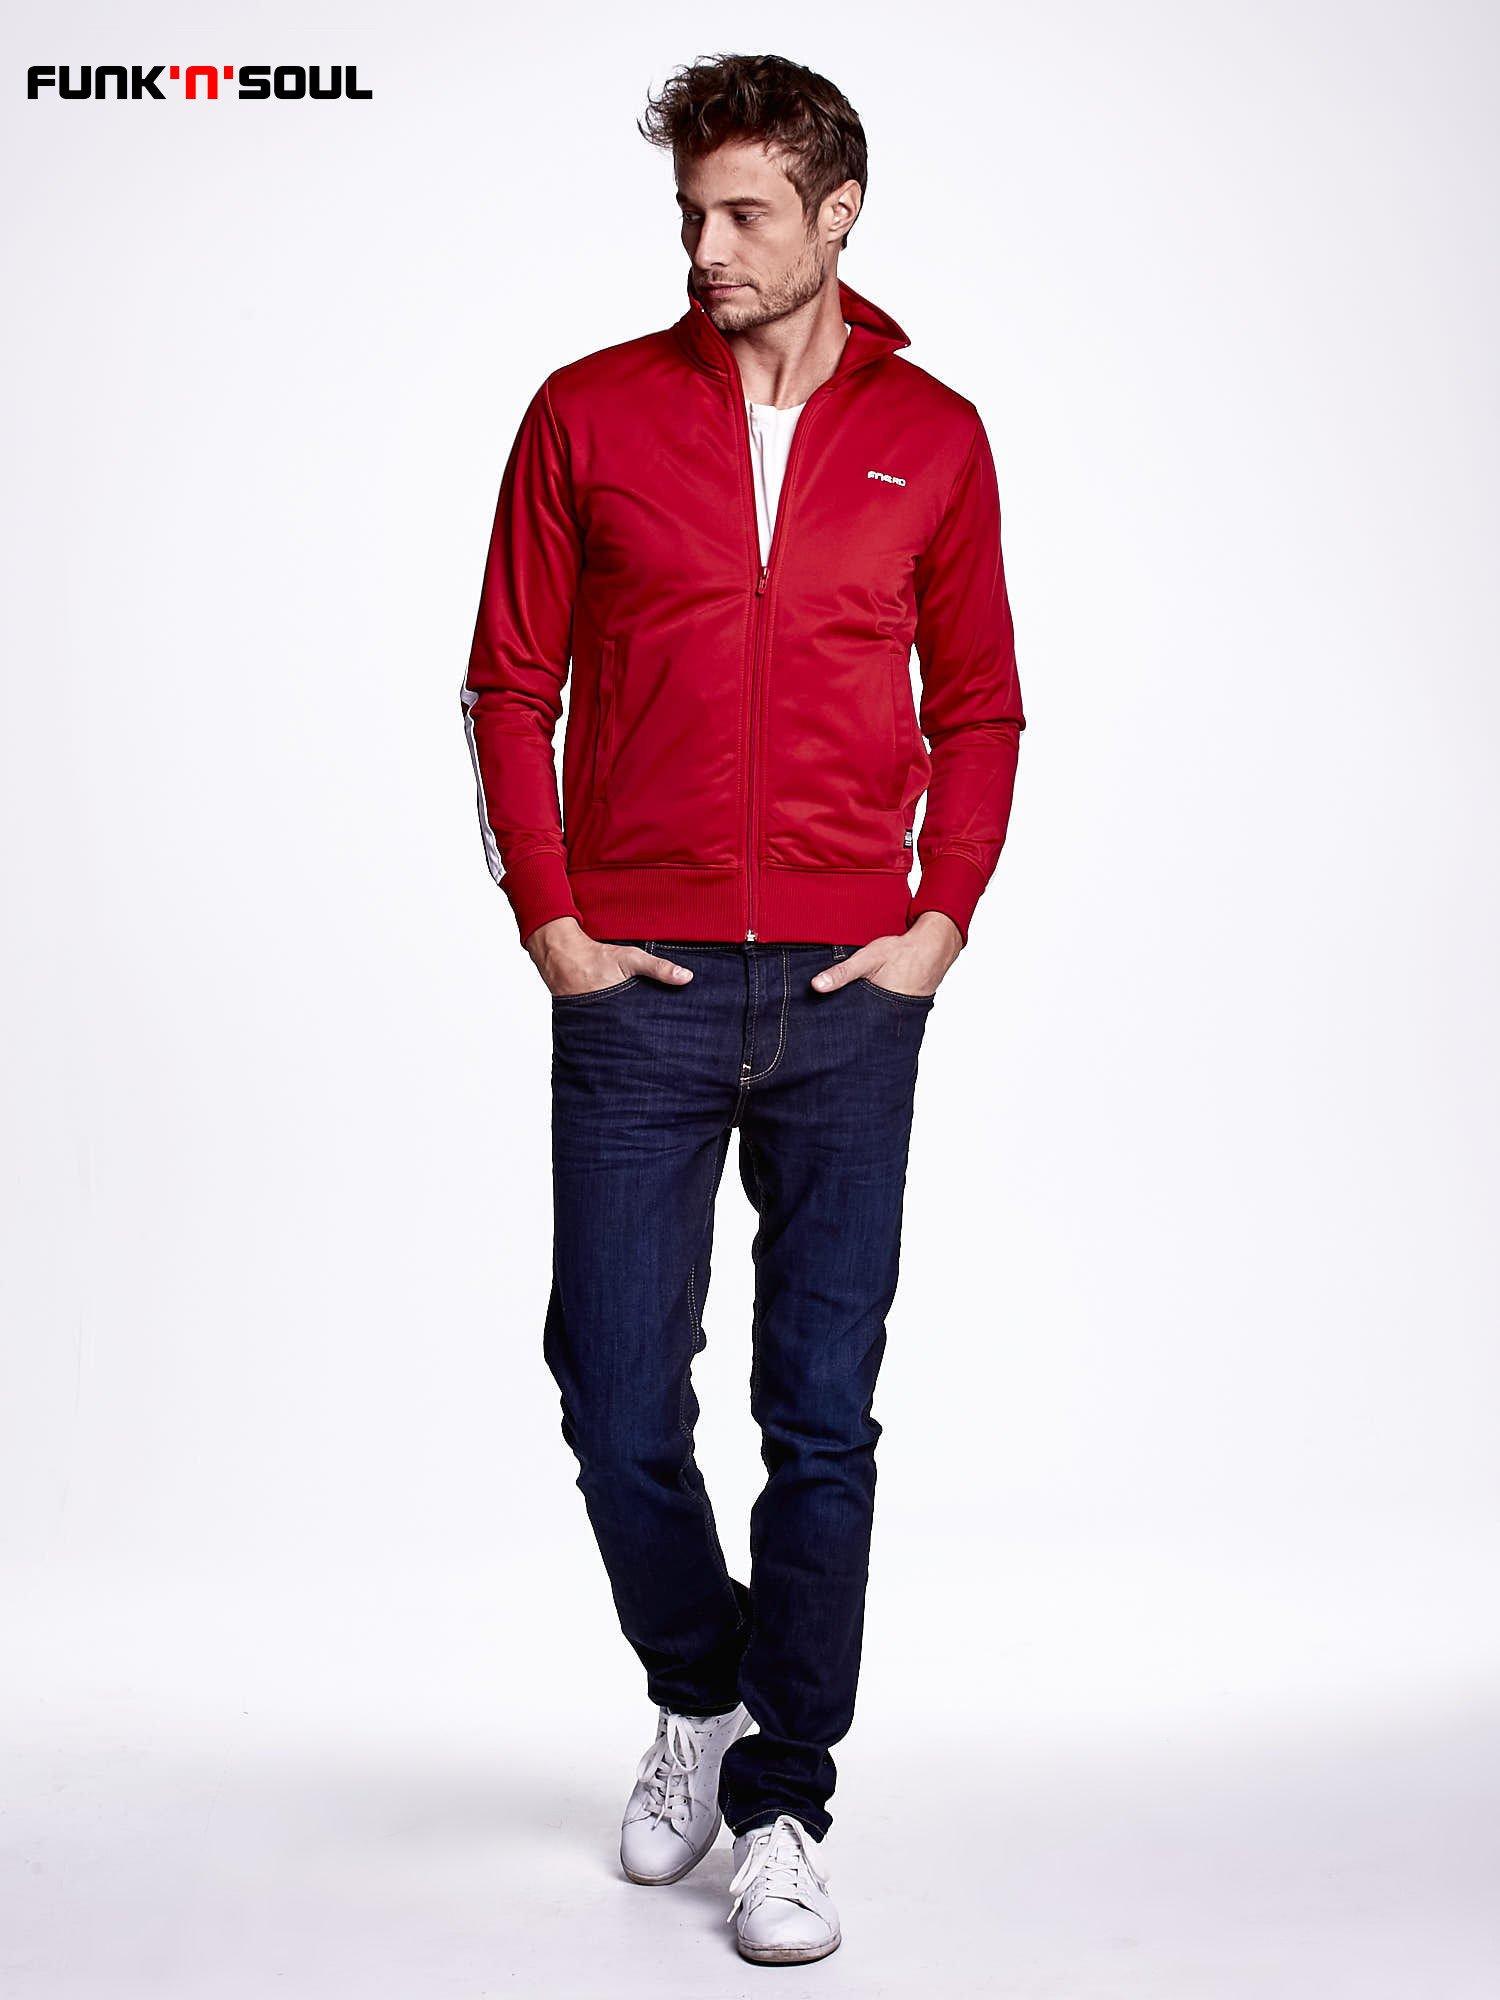 Czerwona bluza męska ze stójką FUNK N SOUL                                  zdj.                                  2